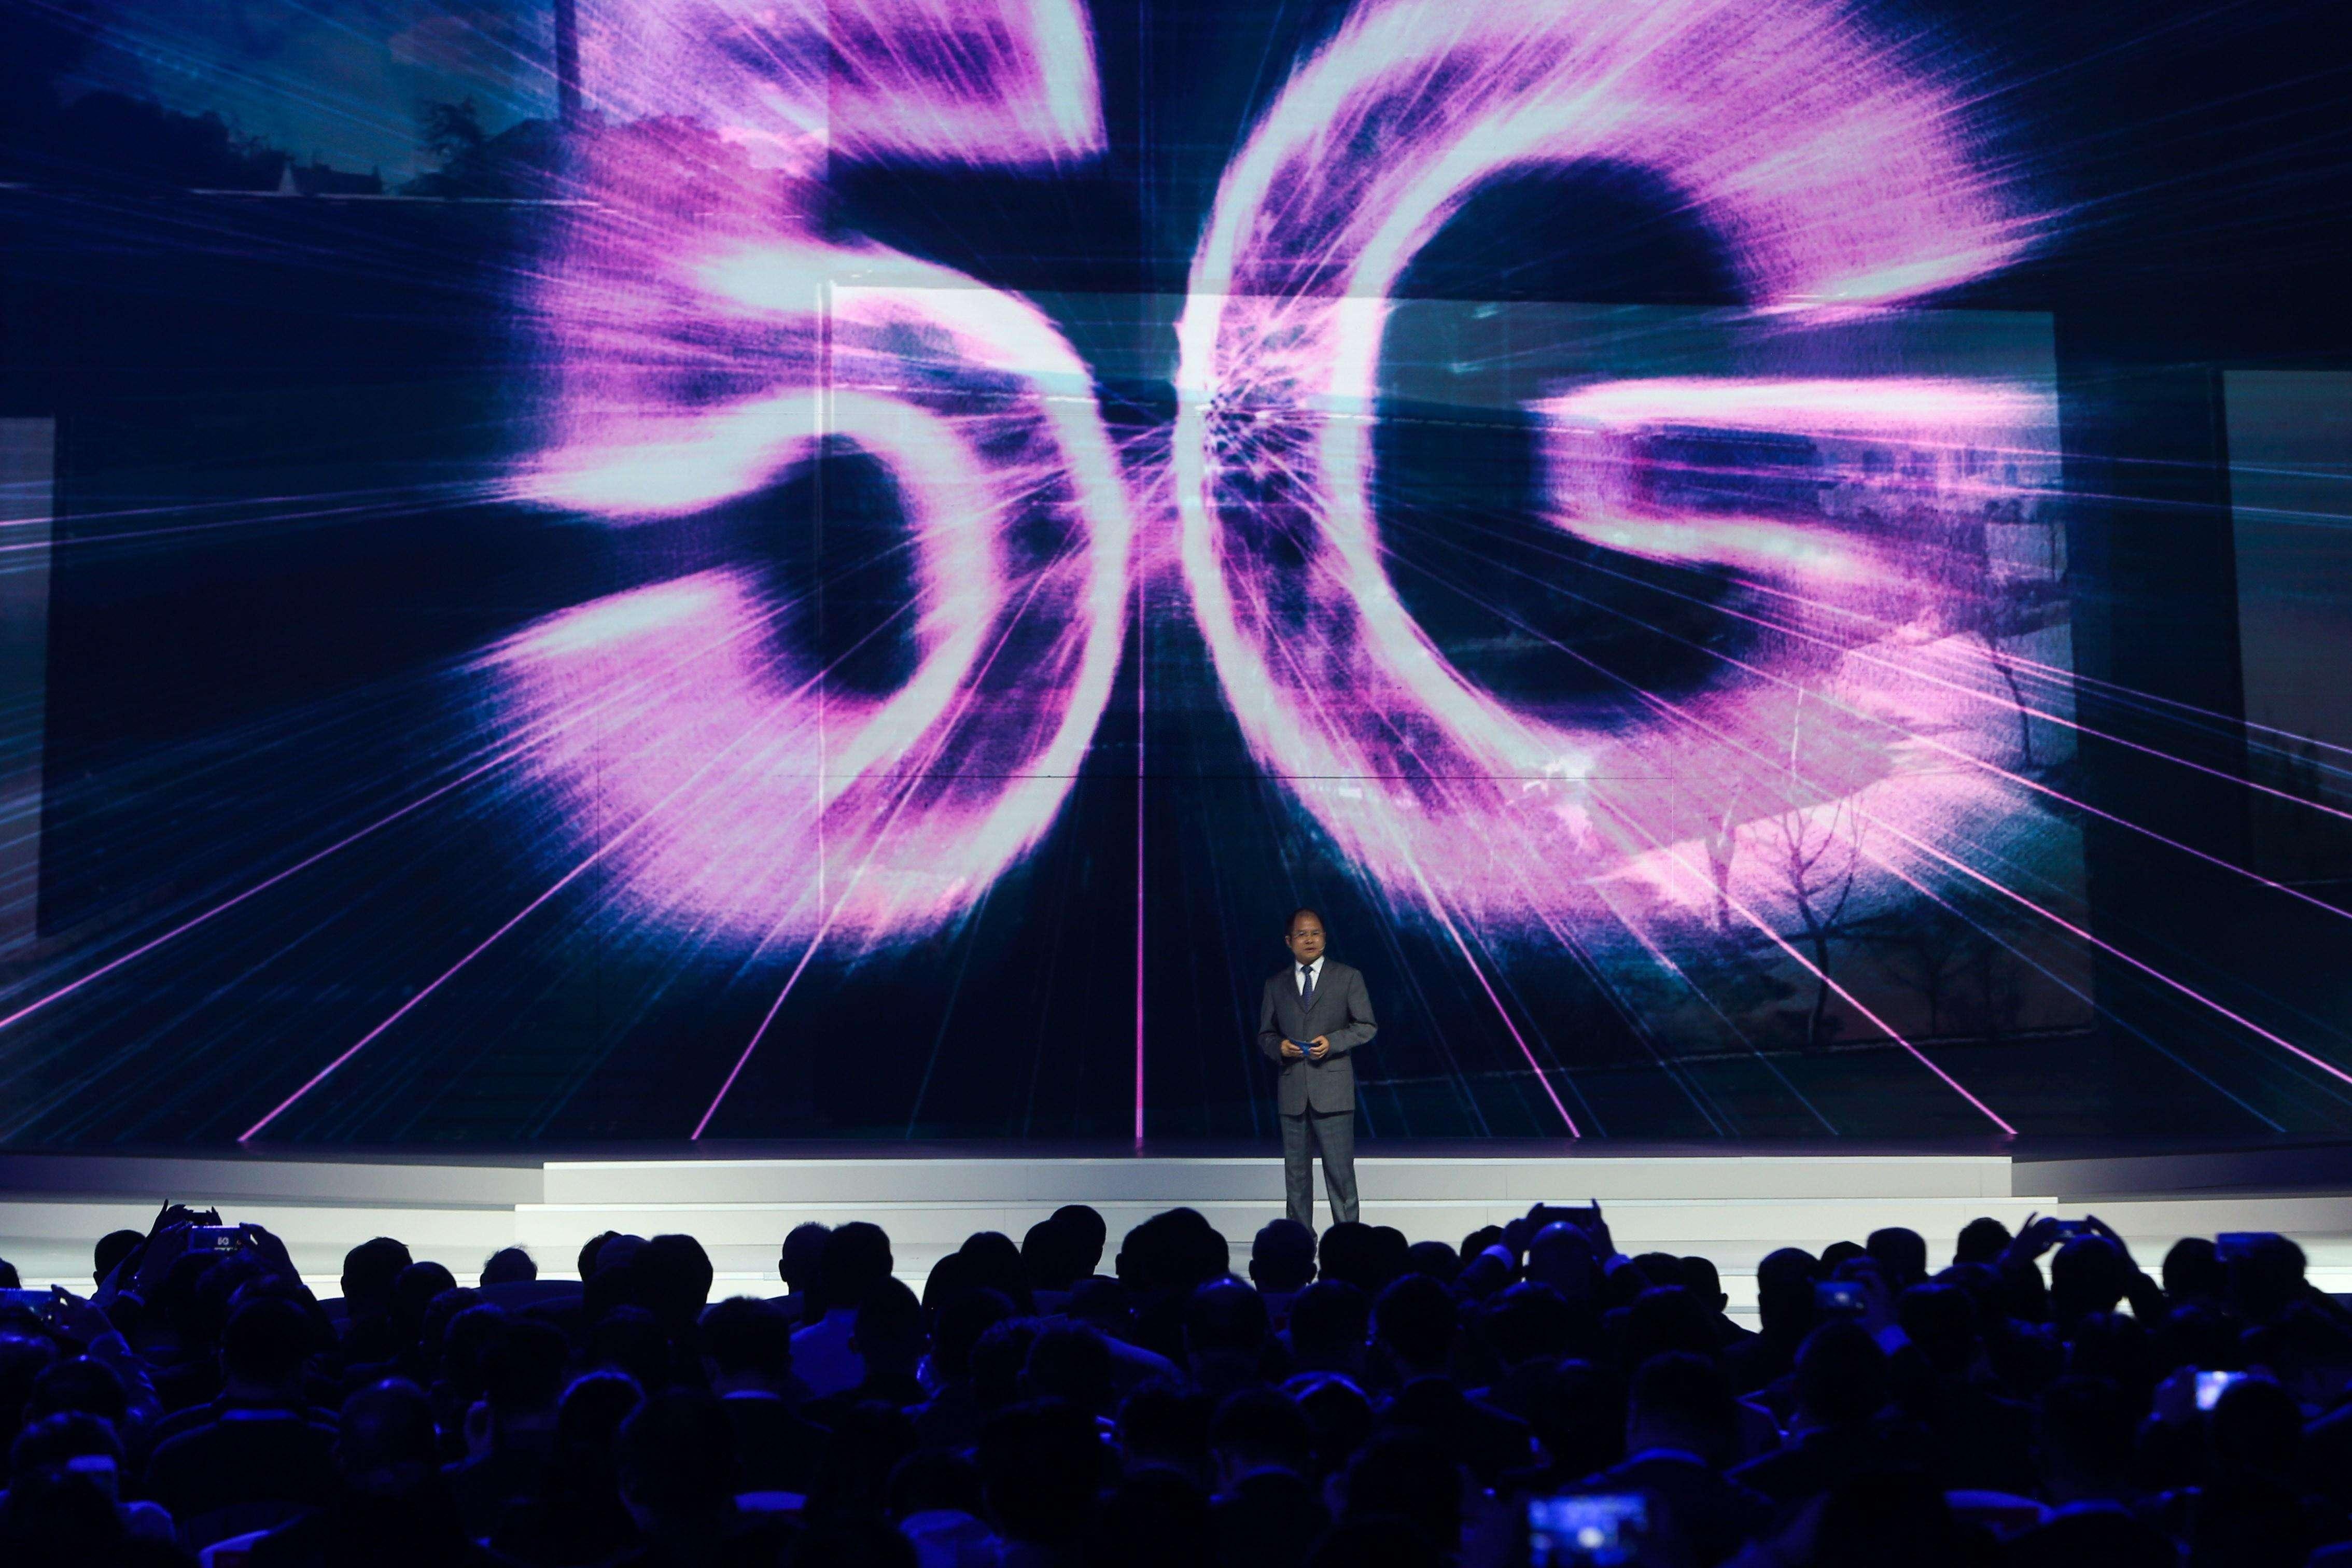 行业资讯_5g渐近,数字网络在智慧车站,智慧停车方面前景可观 l 行业资讯